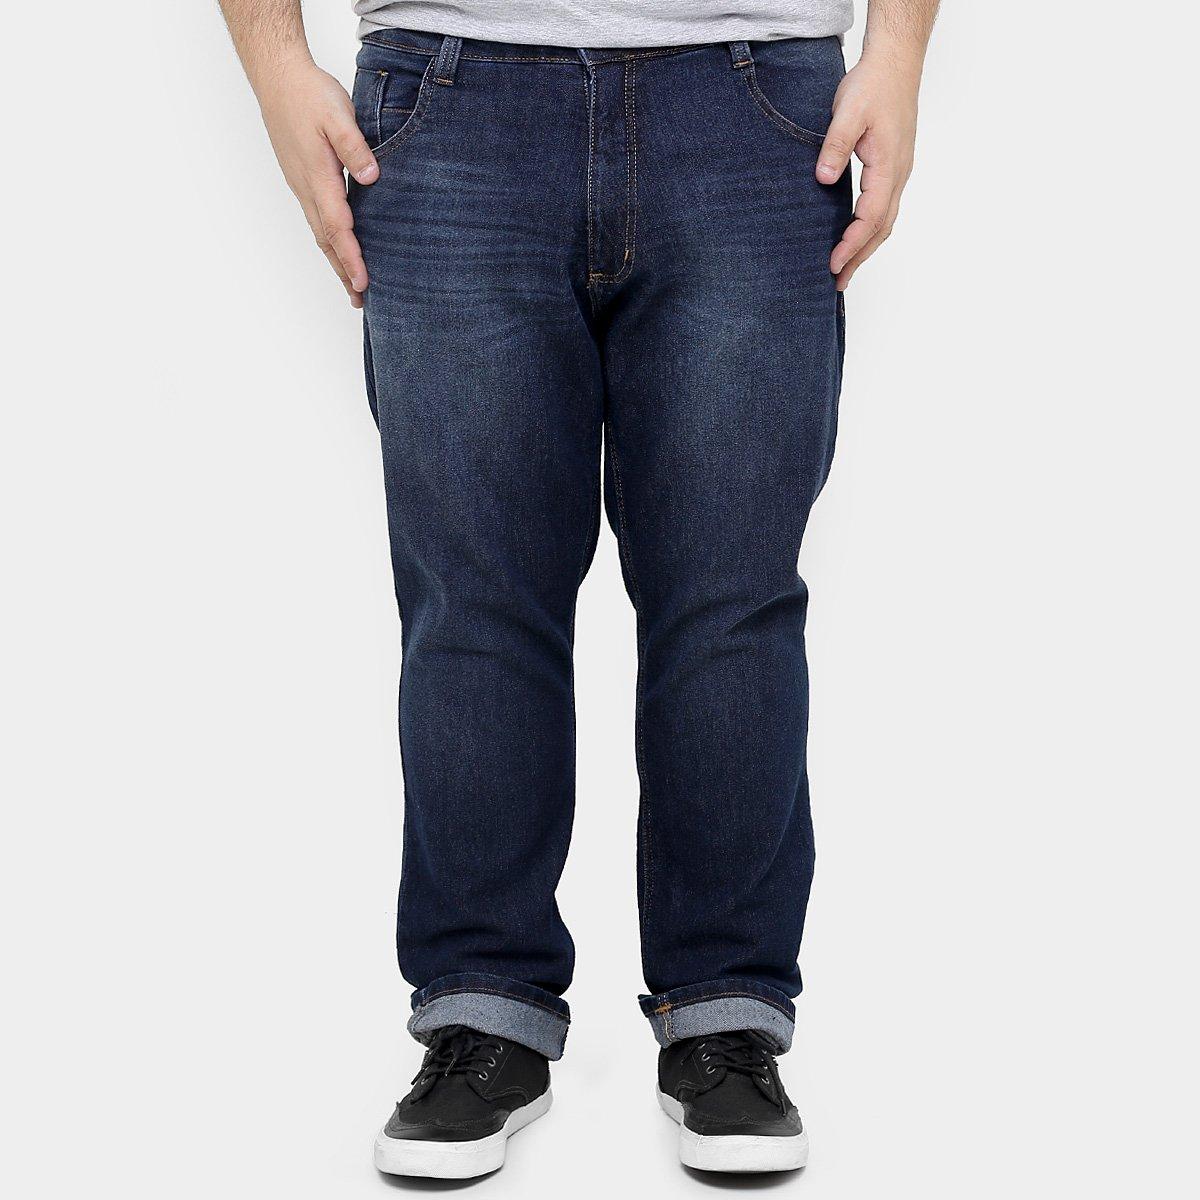 d3708bc1a Calça Jeans Biotipo Slim Stone Plus Size Masculina - Compre Agora | Zattini